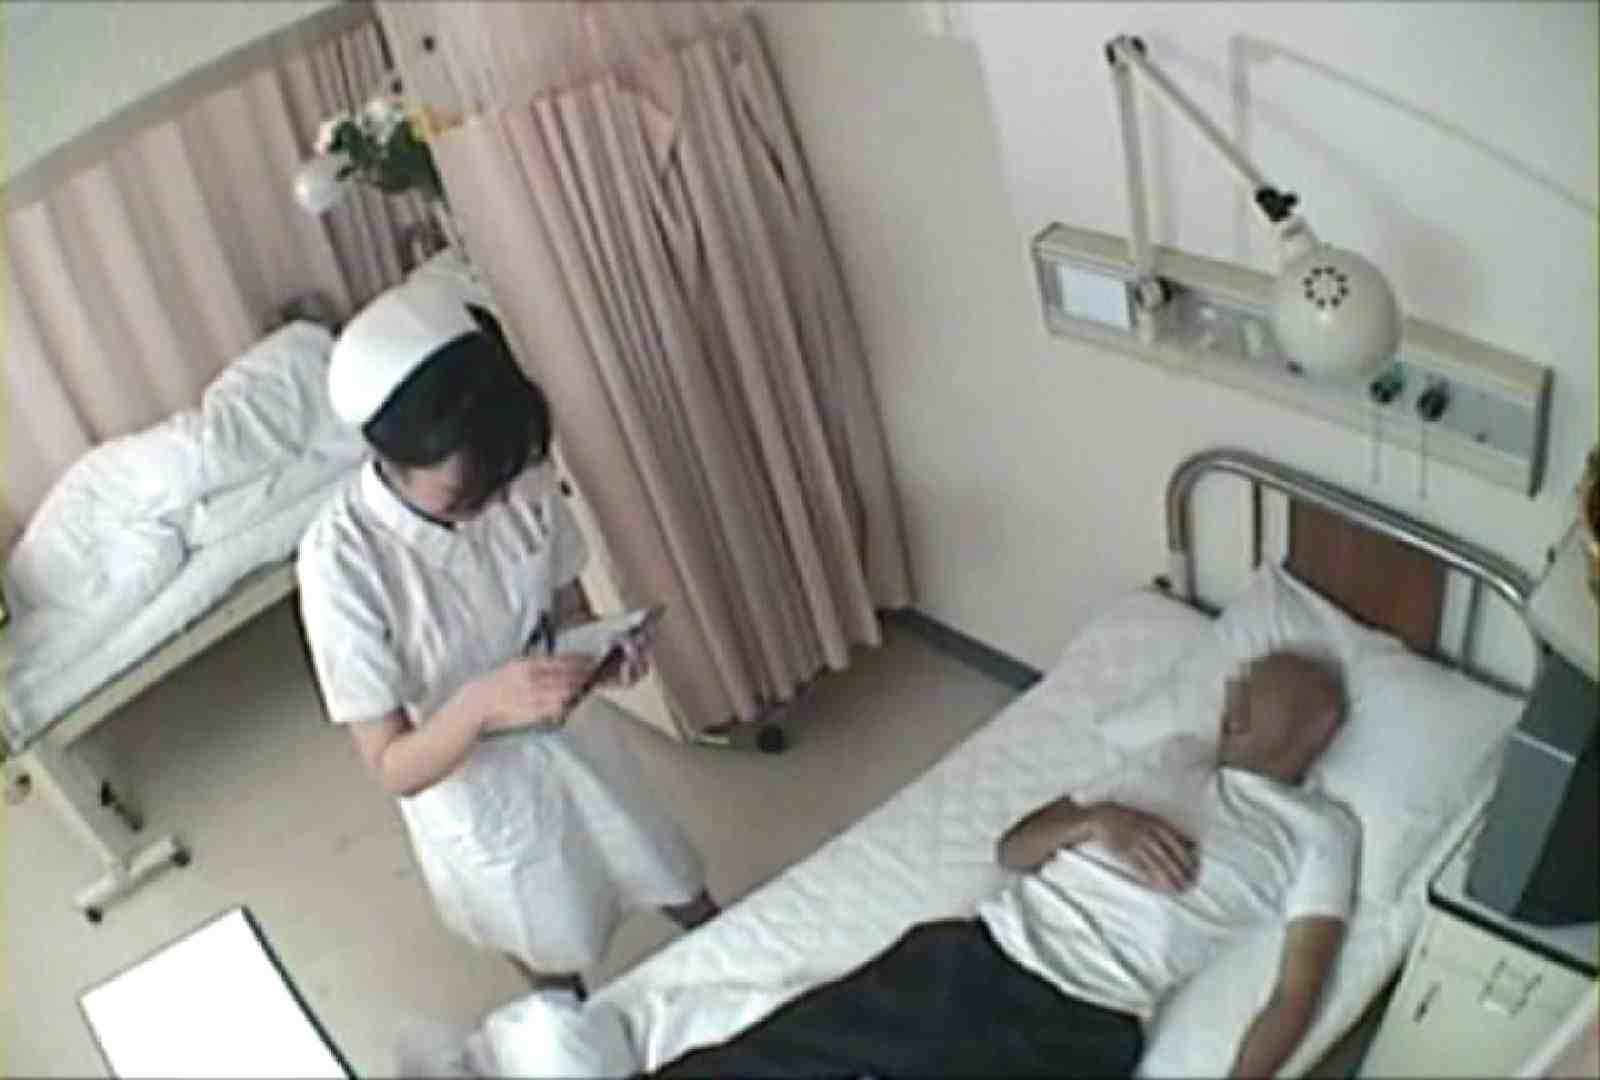 絶対に逝ってはいけない寸止め病棟Vol.3 0 | 0  111画像 111